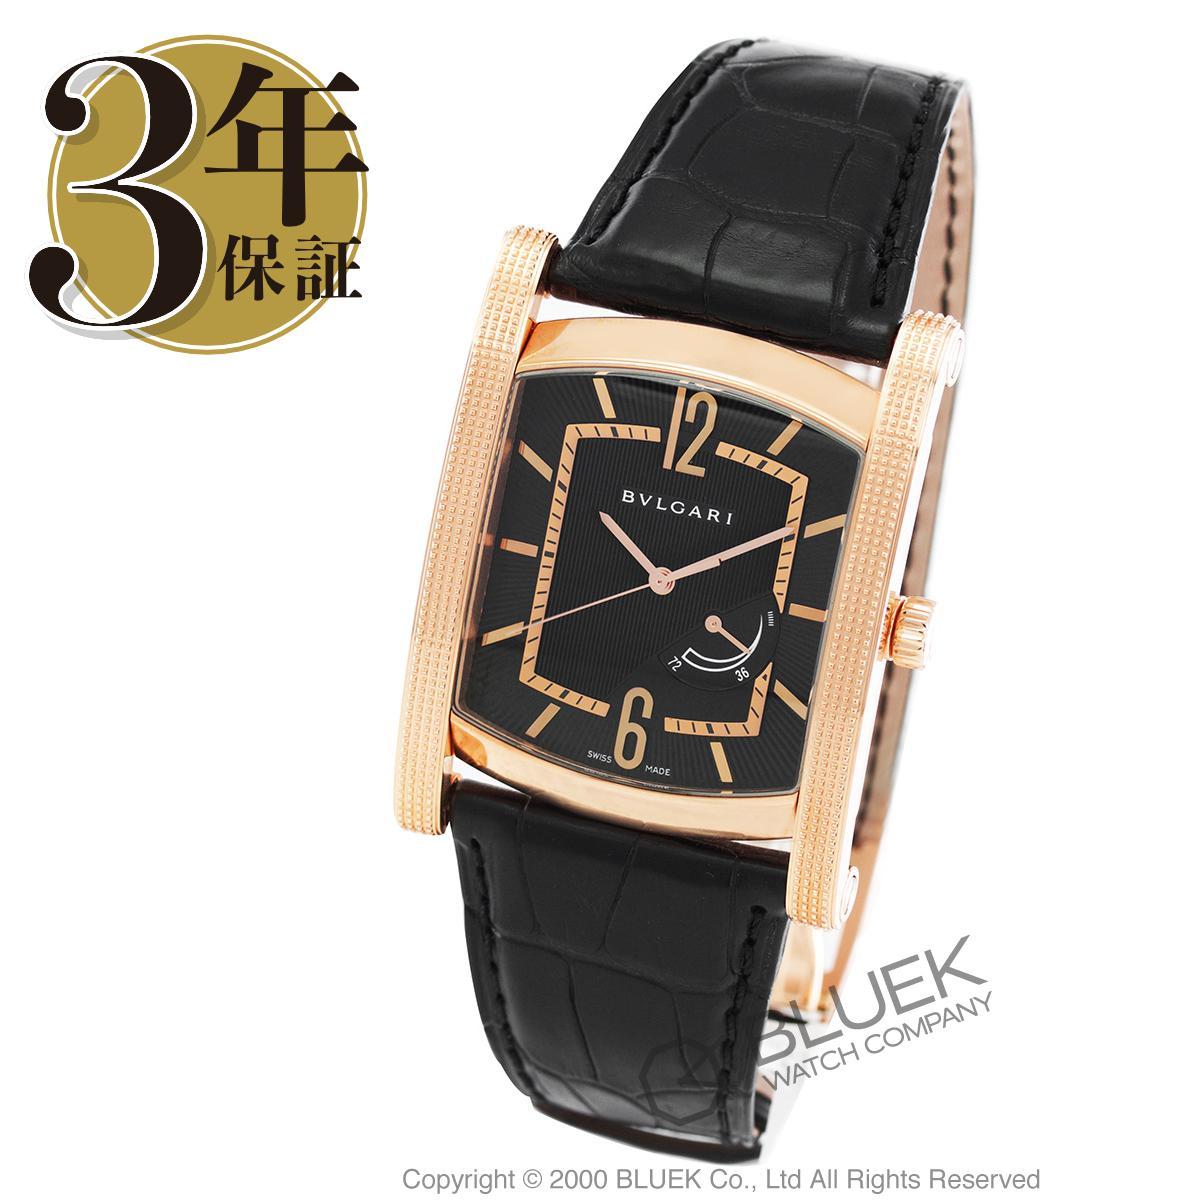 ブルガリ アショーマ パワーリザーブ PG金無垢 アリゲーターレザー 腕時計 メンズ BVLGARI AAP48BGL_3